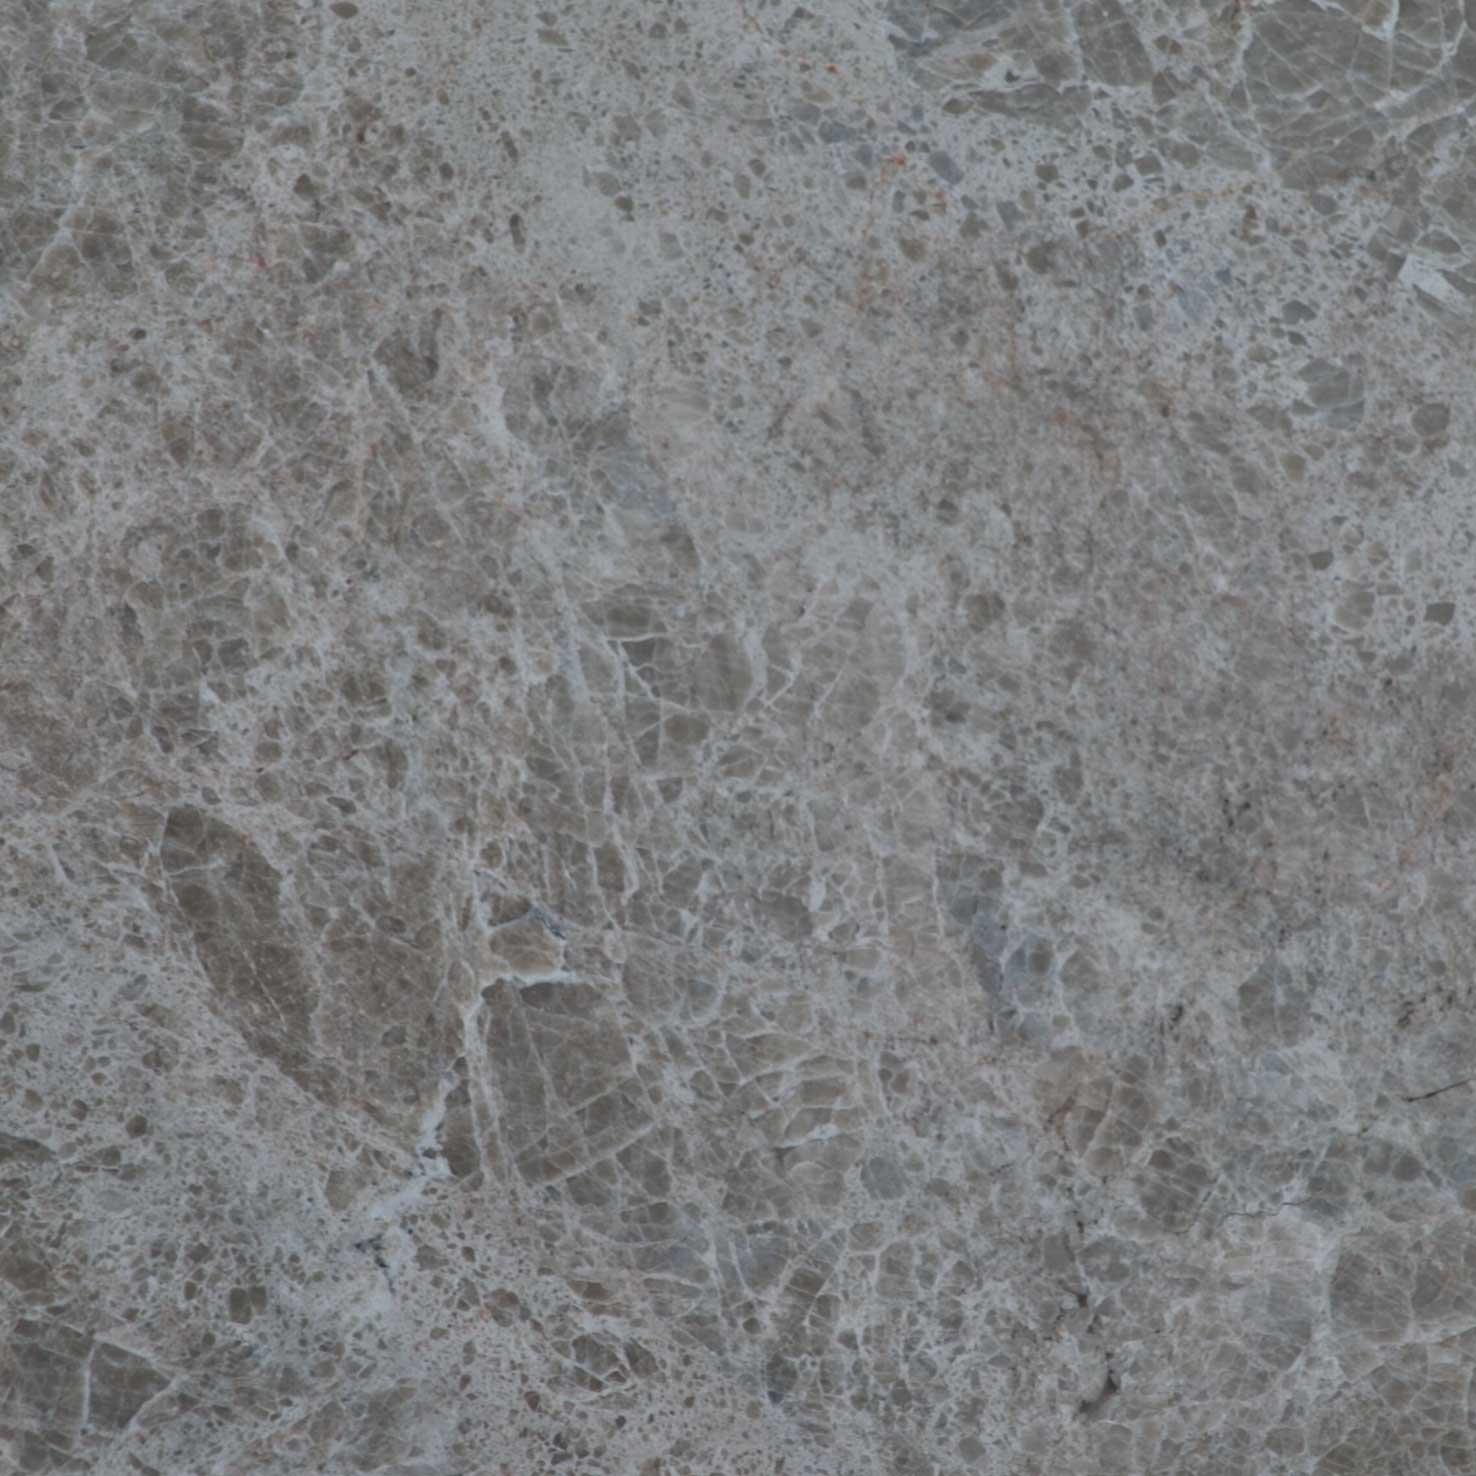 Crema perlado marmoles venezianos for Definicion de marmol